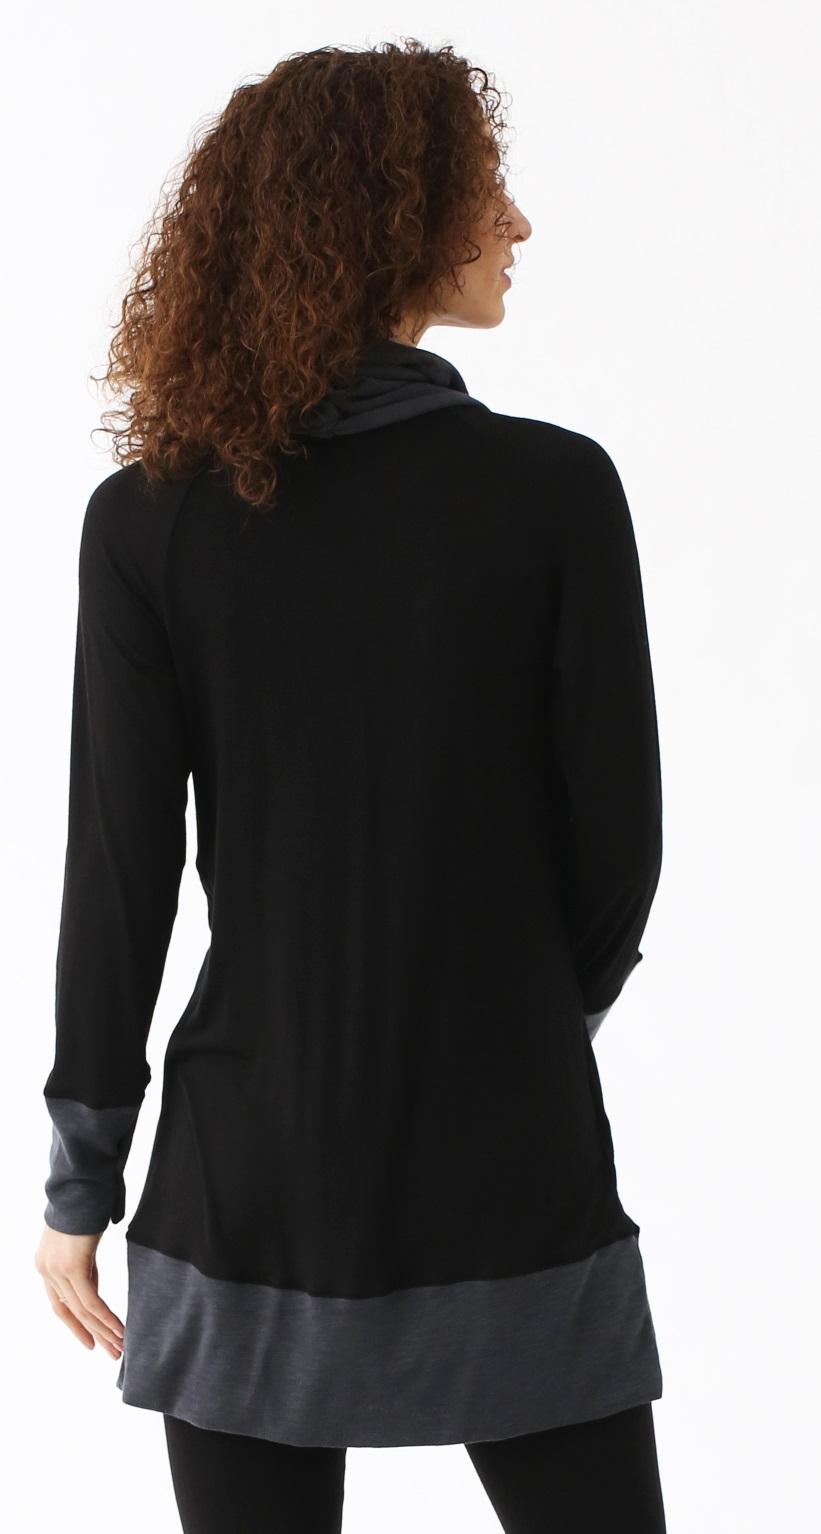 majamas-simone-nursing-tunic-black-back-close.jpg